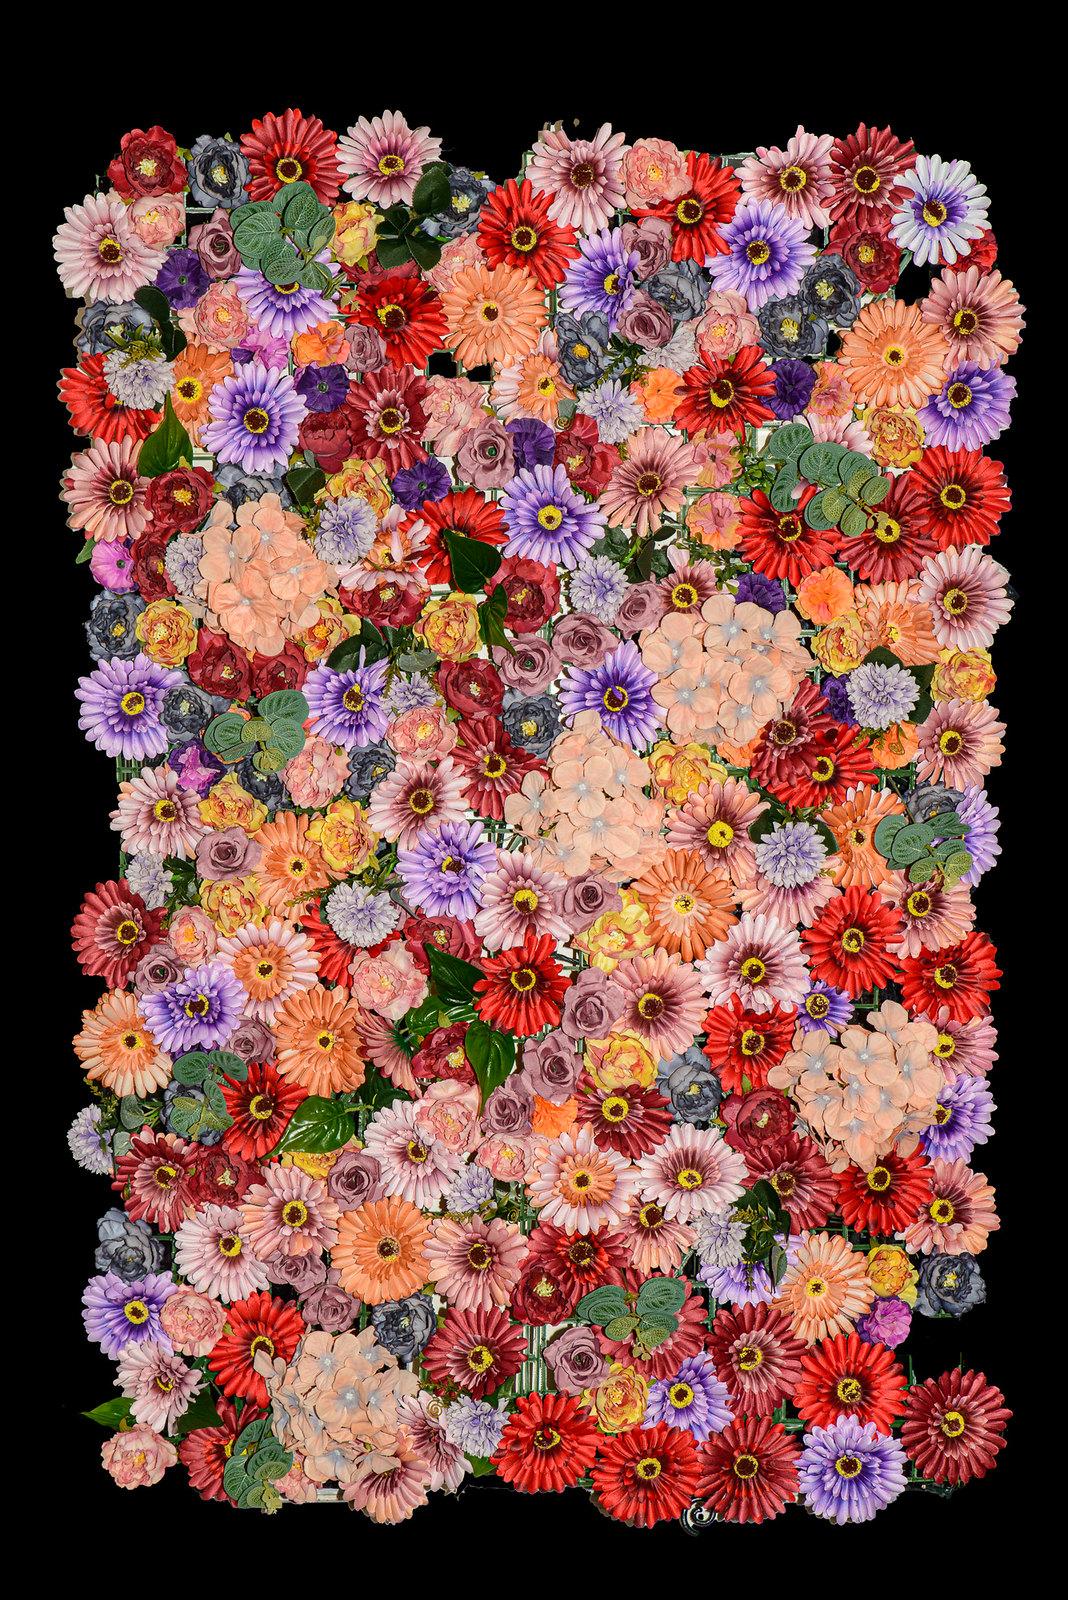 DSC_5338_Ali_flowers_12-Edit.jpg